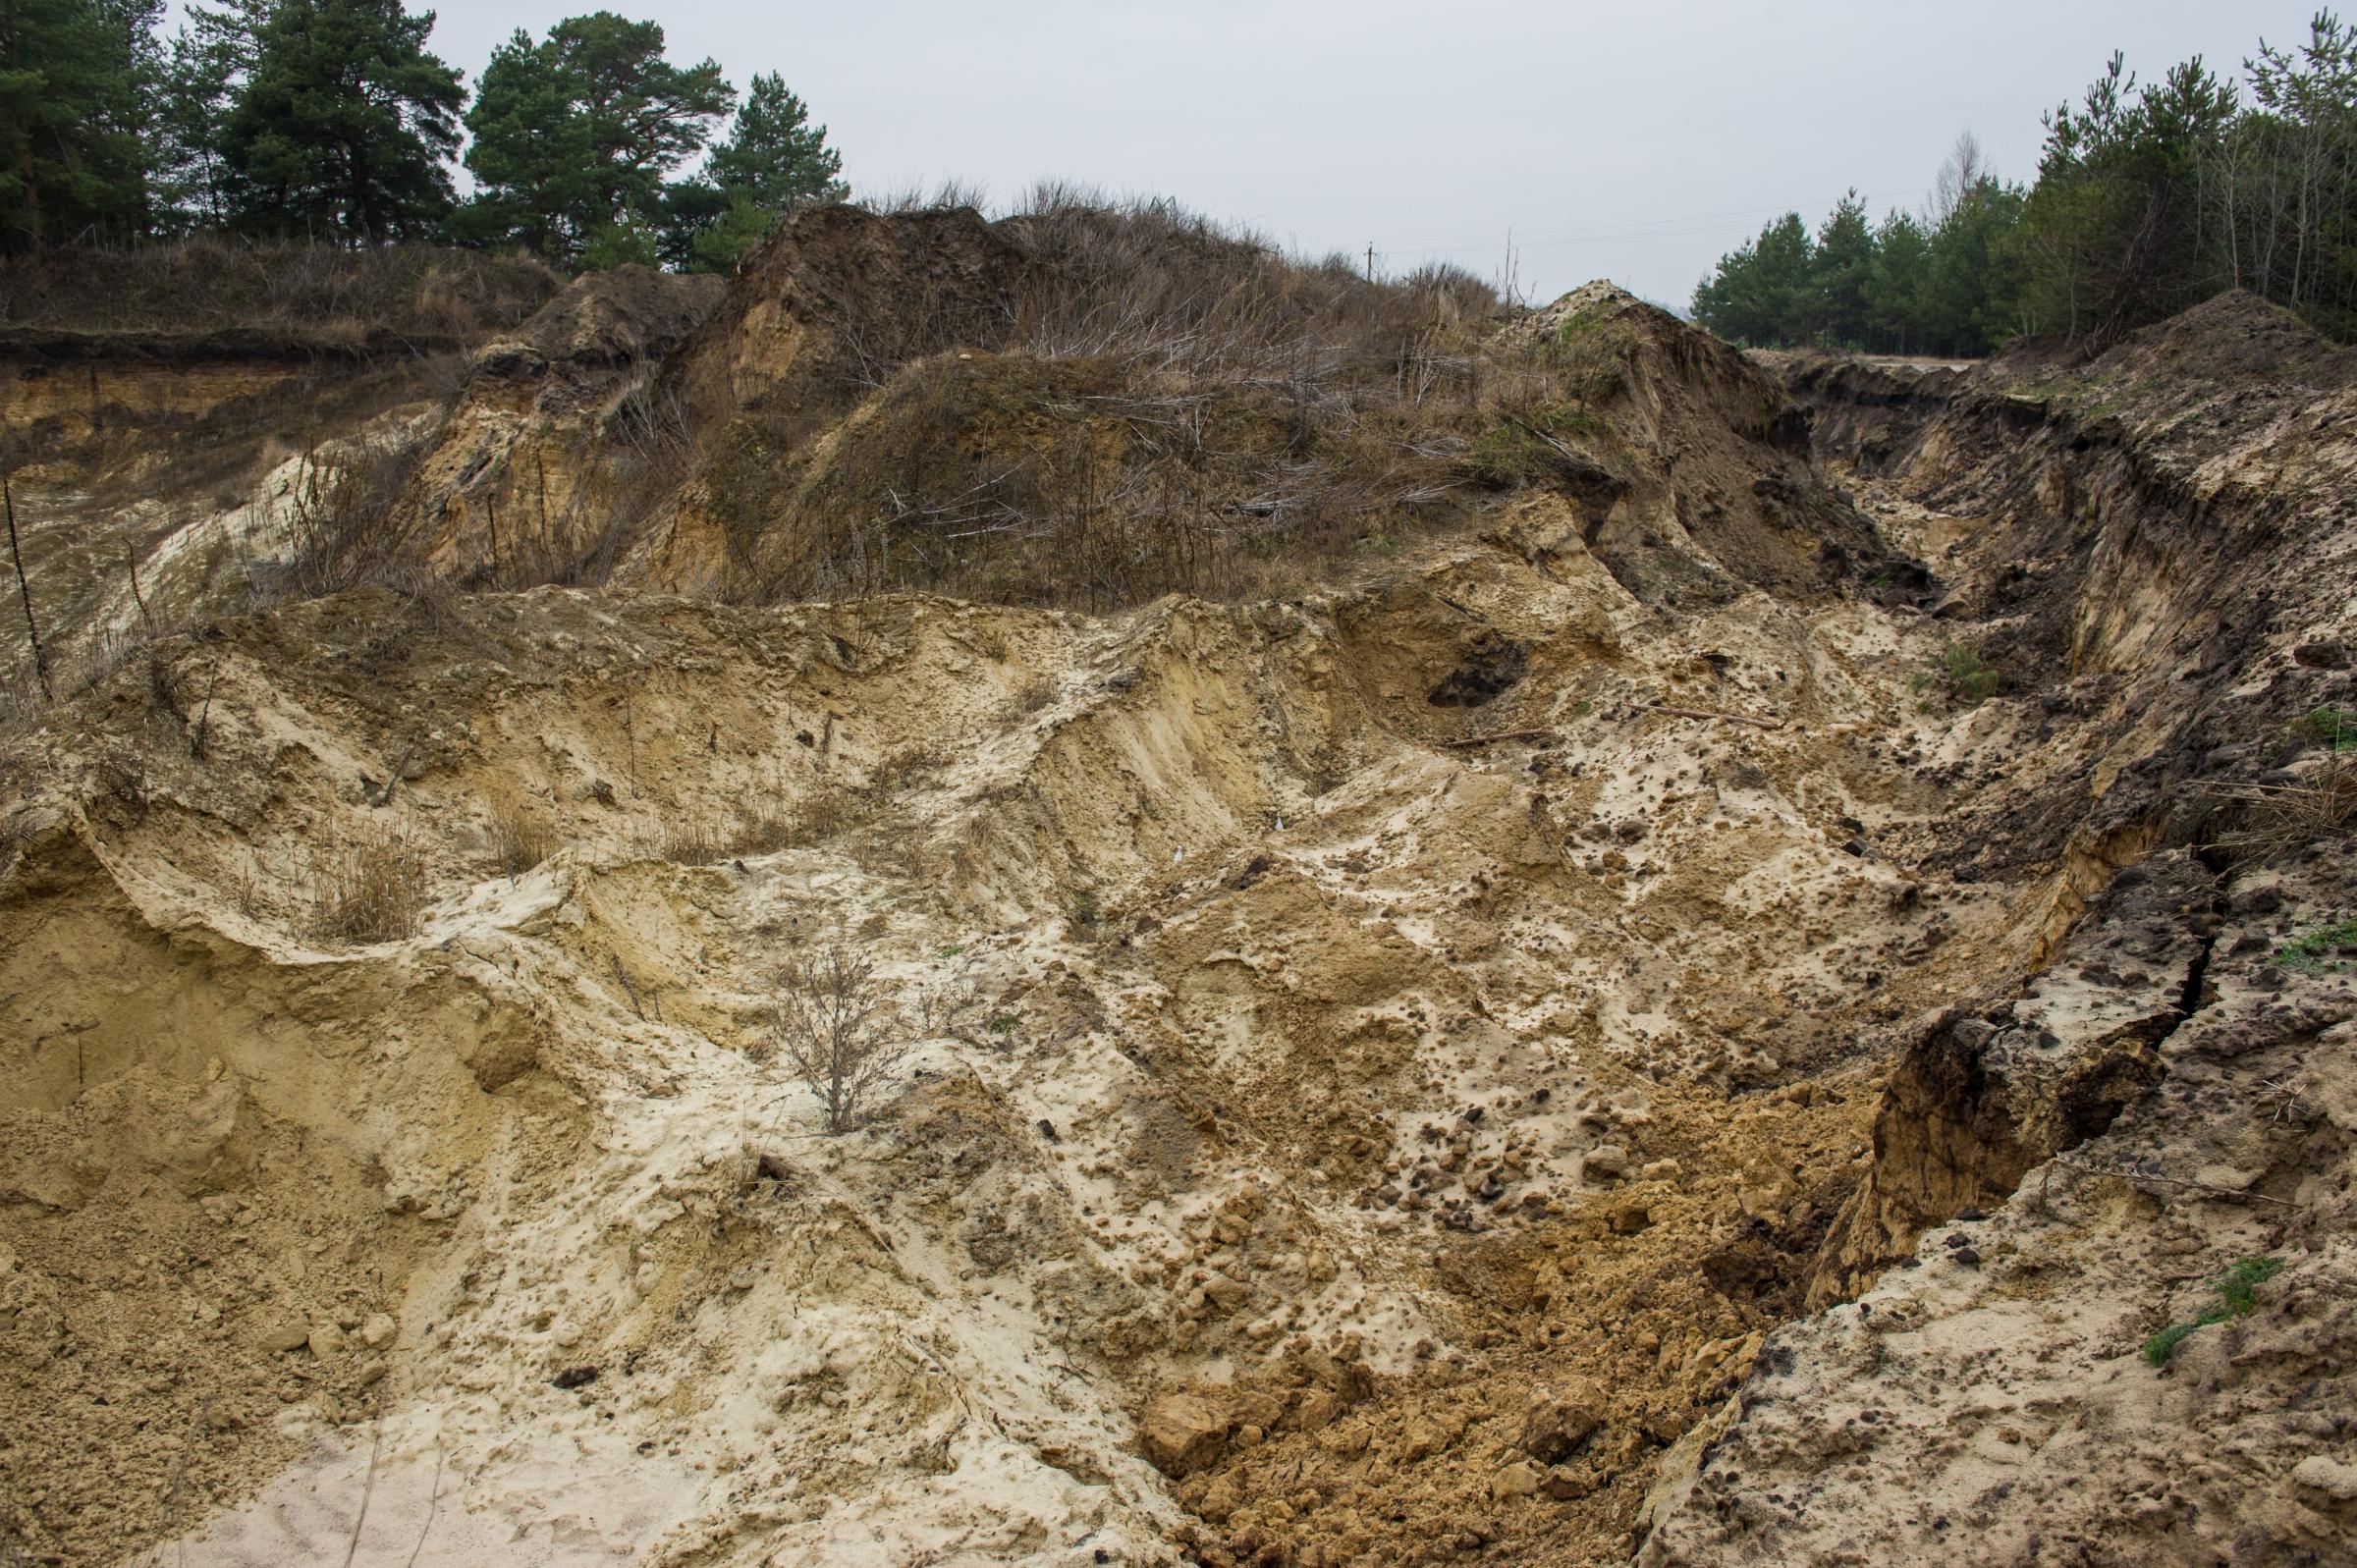 צלקות עמוקות בנוף ופגיעה קשה בסביבה. אתר כרייה לא חוקית של חול באוקראינה | צילום: Shutterstock